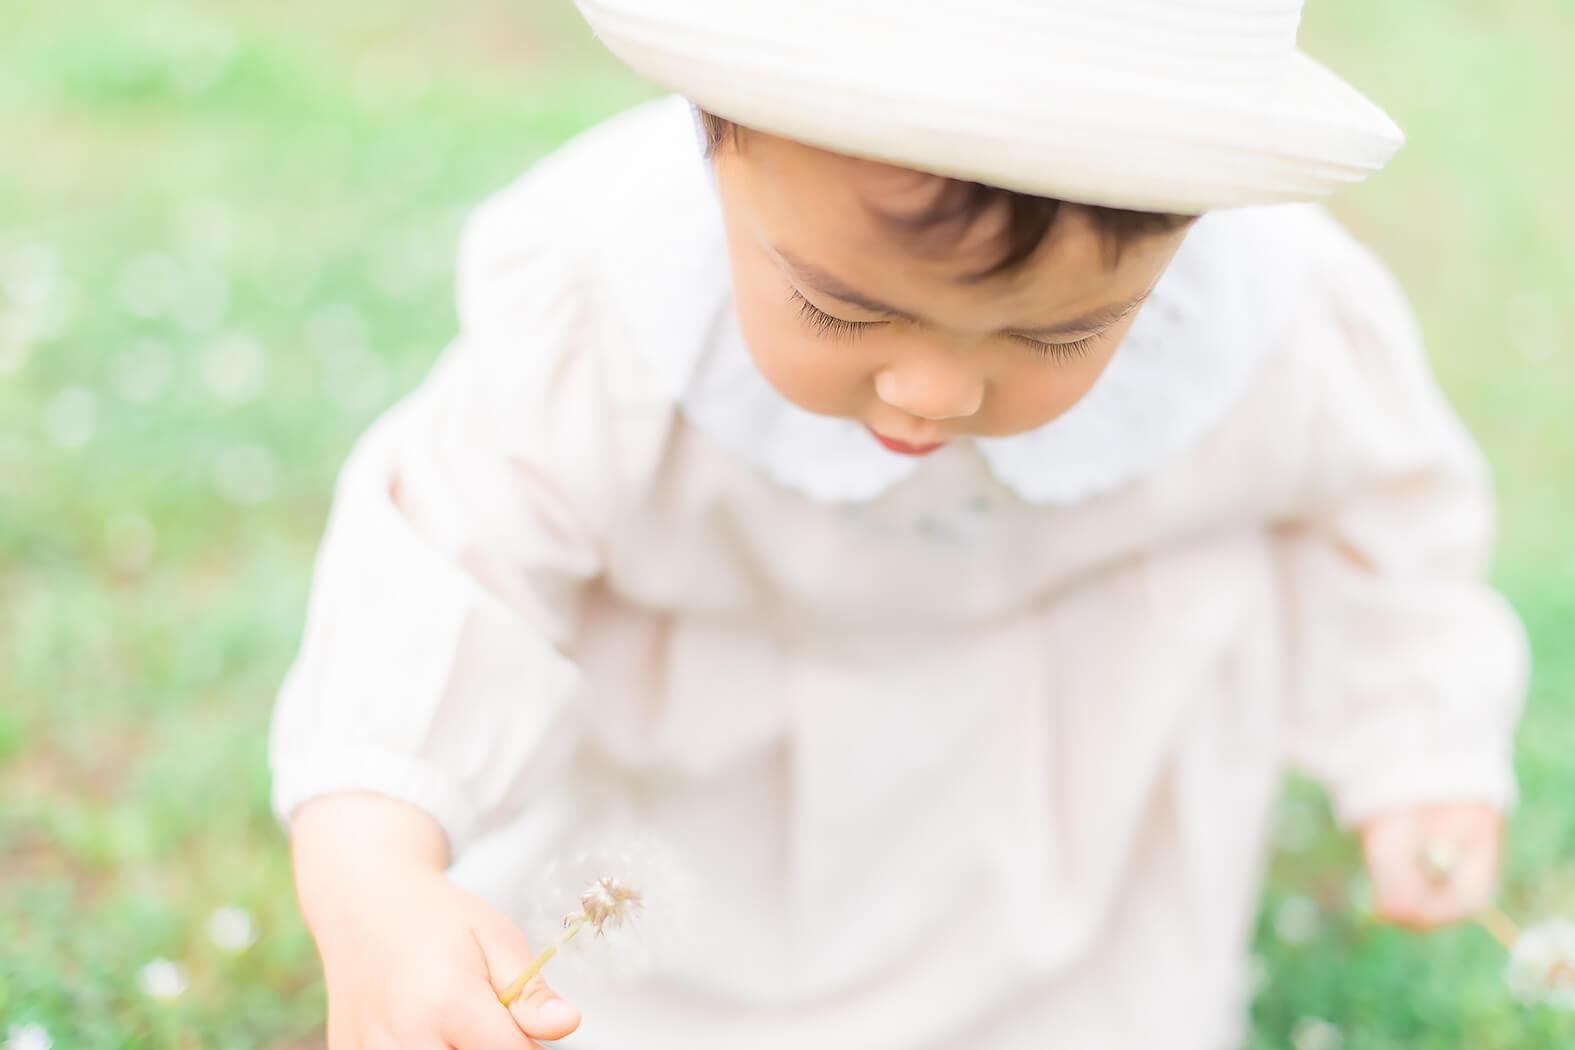 バースデーフォト,2歳,記念写真